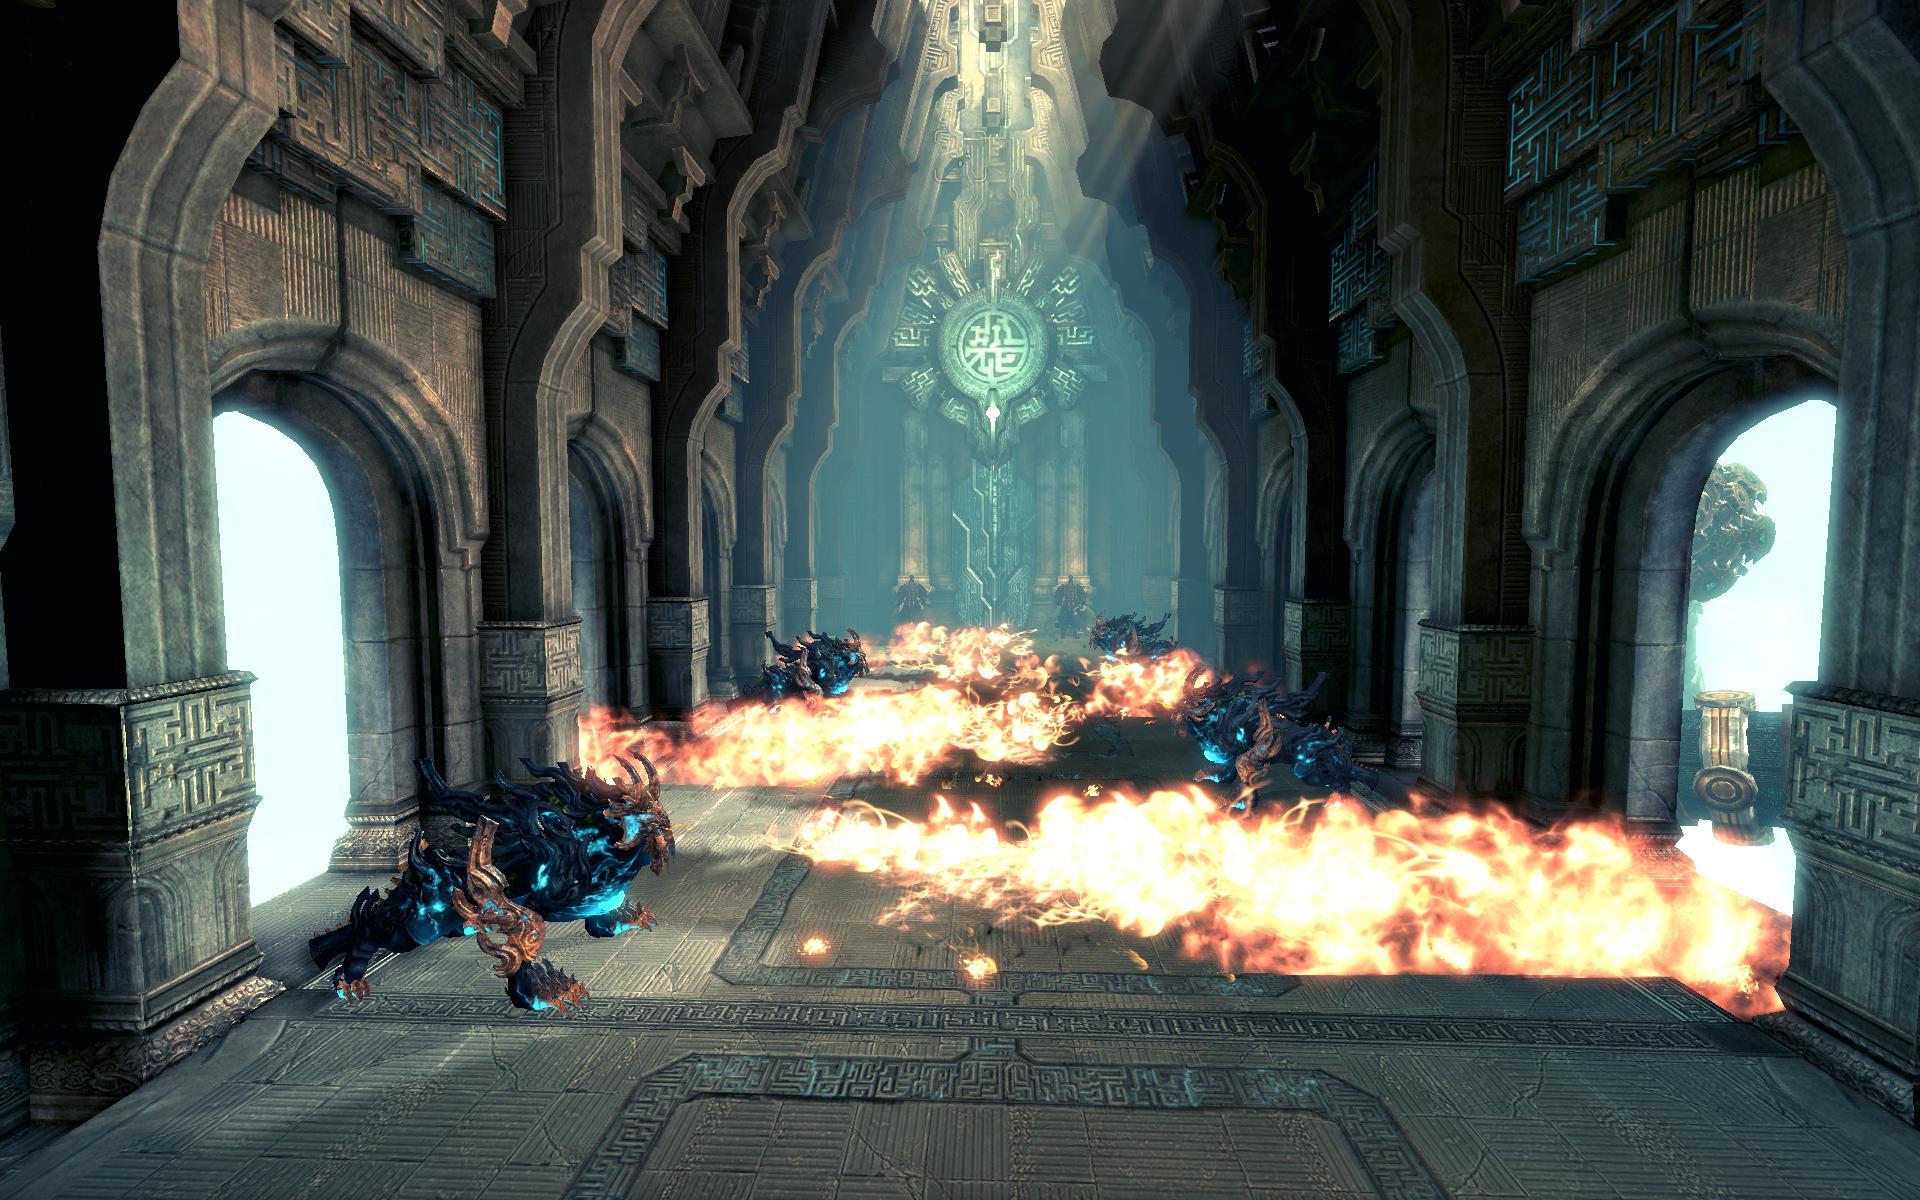 基本プレイ無料のファンタジーRPG『ブレイドアンドソウル』 宿敵ジン・ヴァレスとのストーリーが遂に完結!アップデート「天舞~廻~」を実施だ